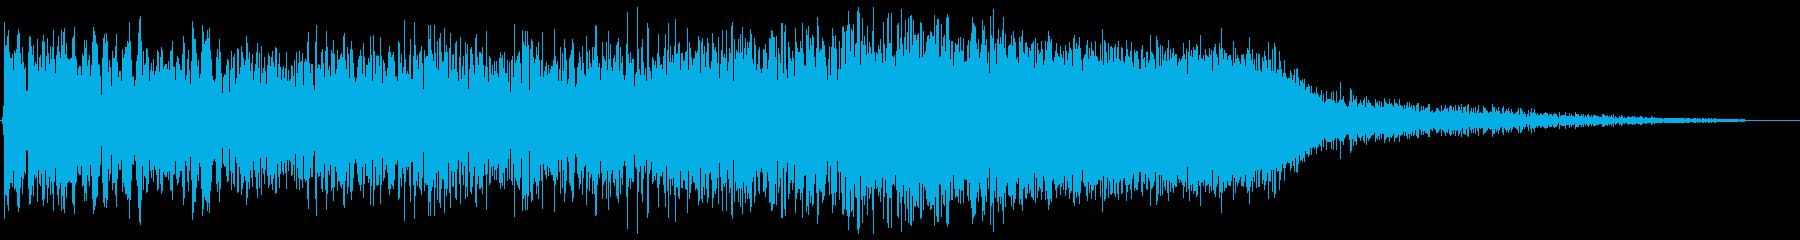 ロケット発射(噴射から発進まで)の再生済みの波形